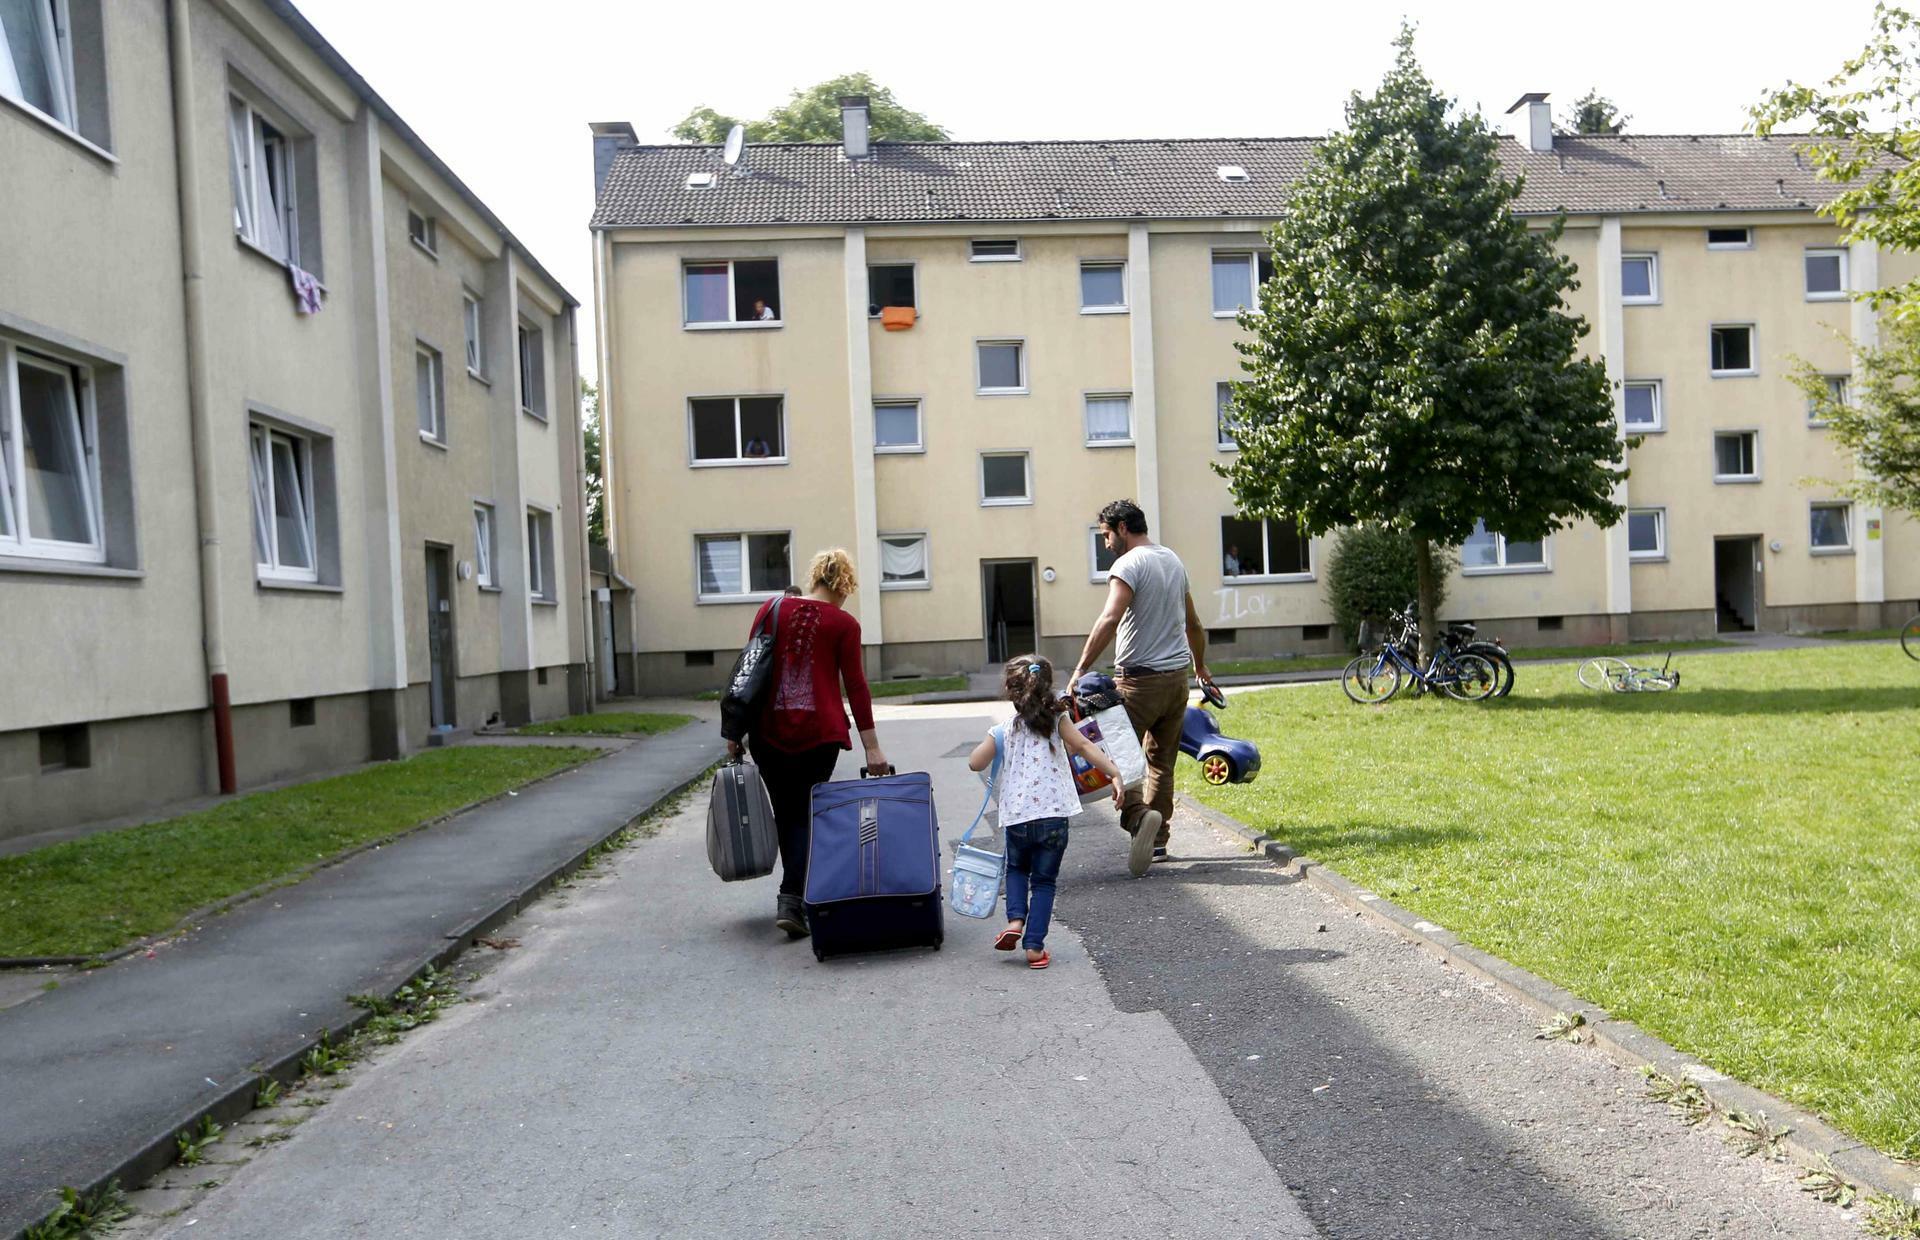 Wohnraum Für Flüchtlinge Attacke Auf Das Eigentum